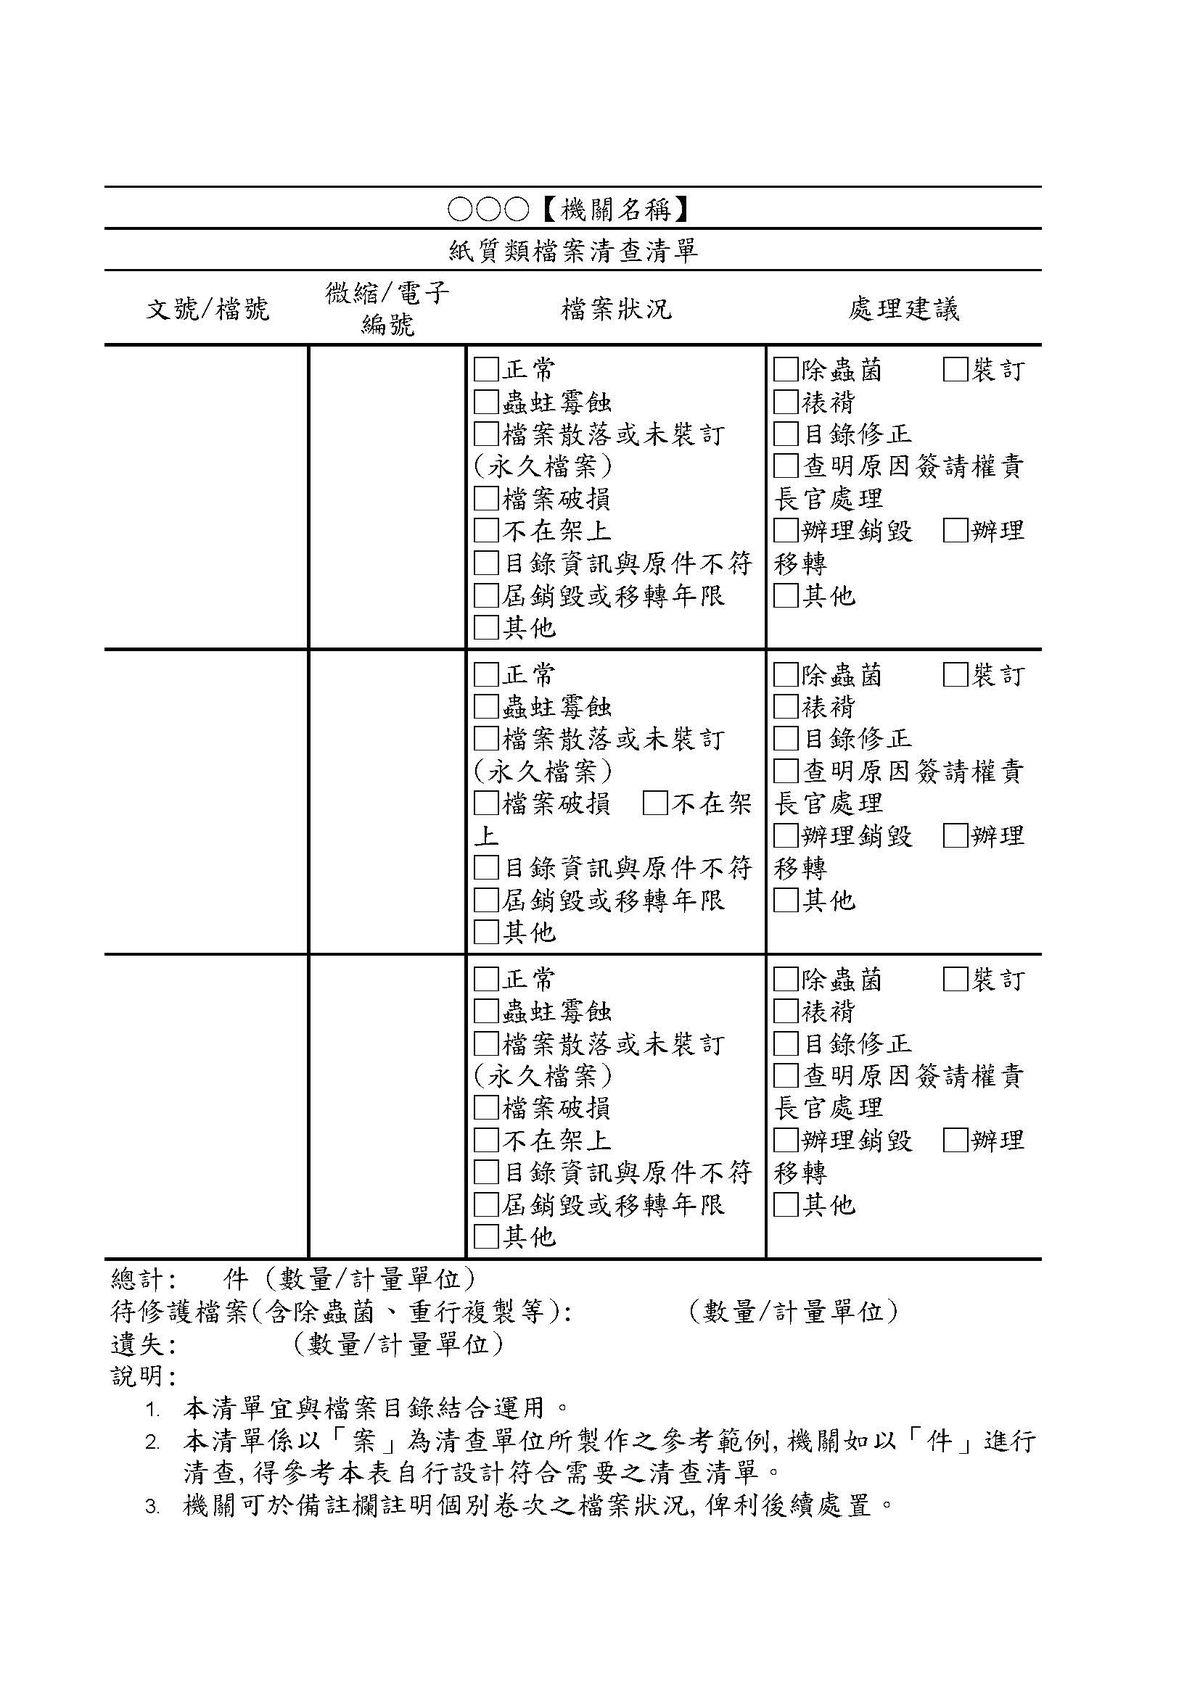 圖2 紙質類檔案清查清單